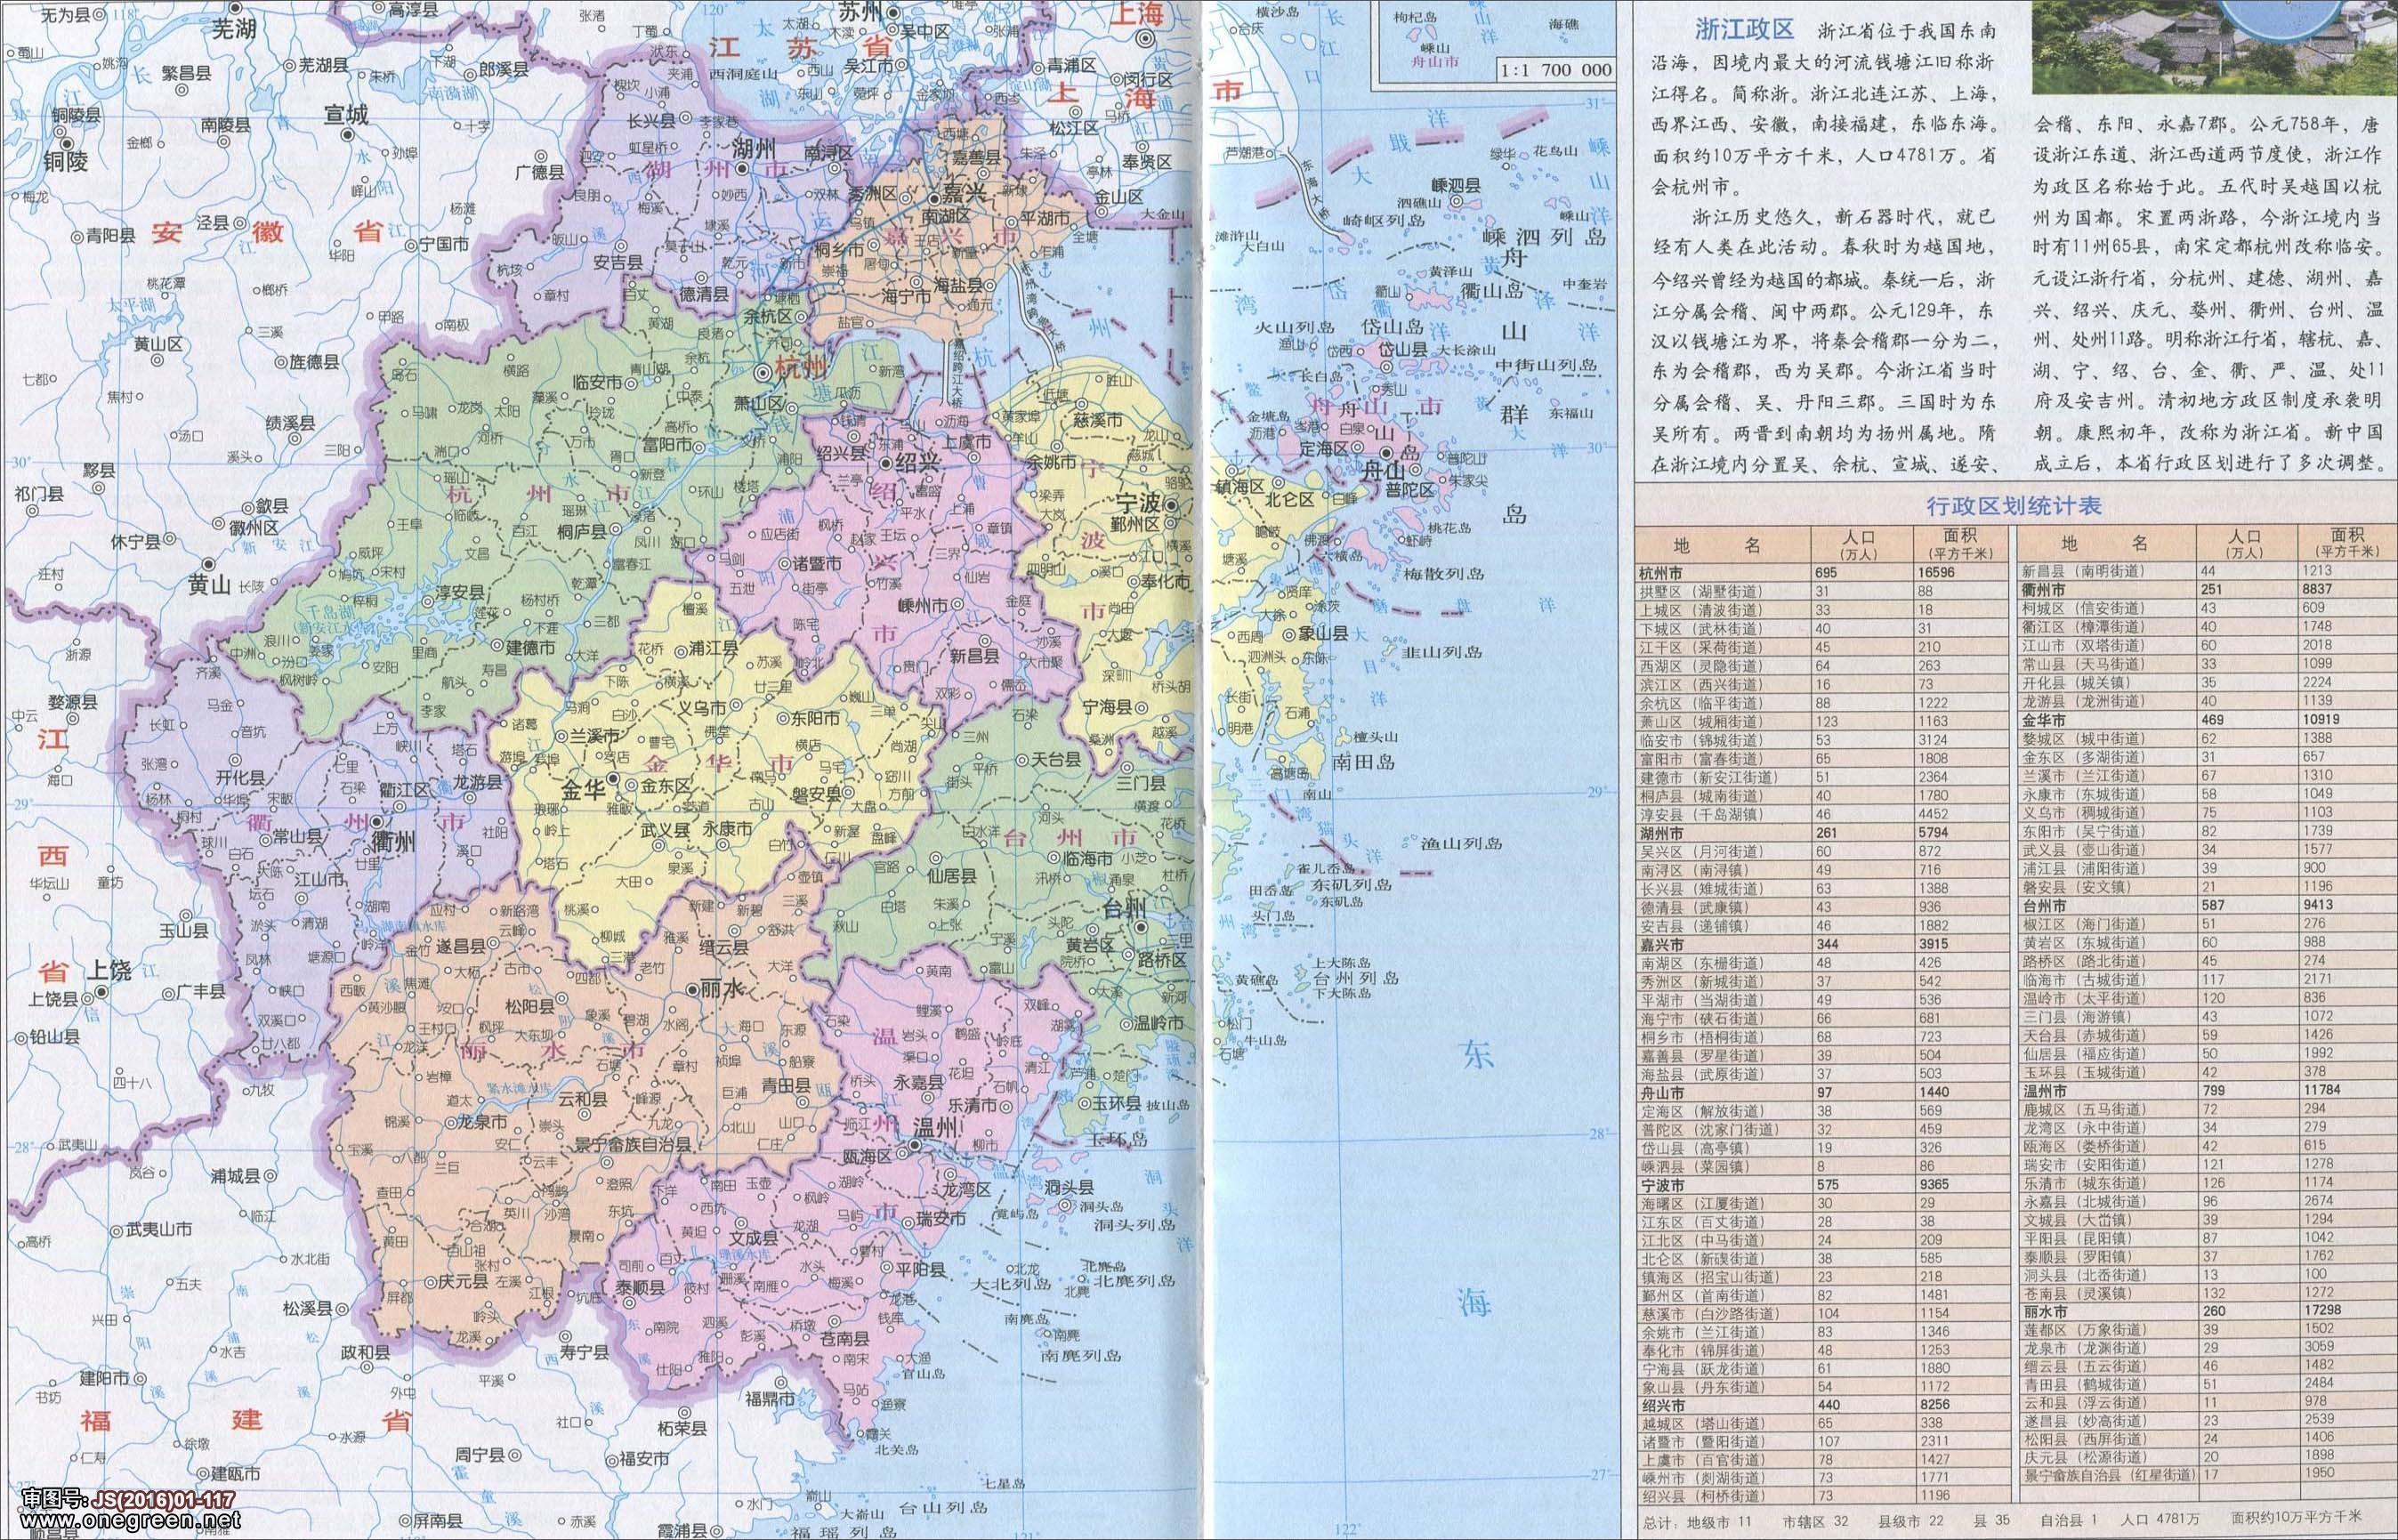 浙江省地图高清版